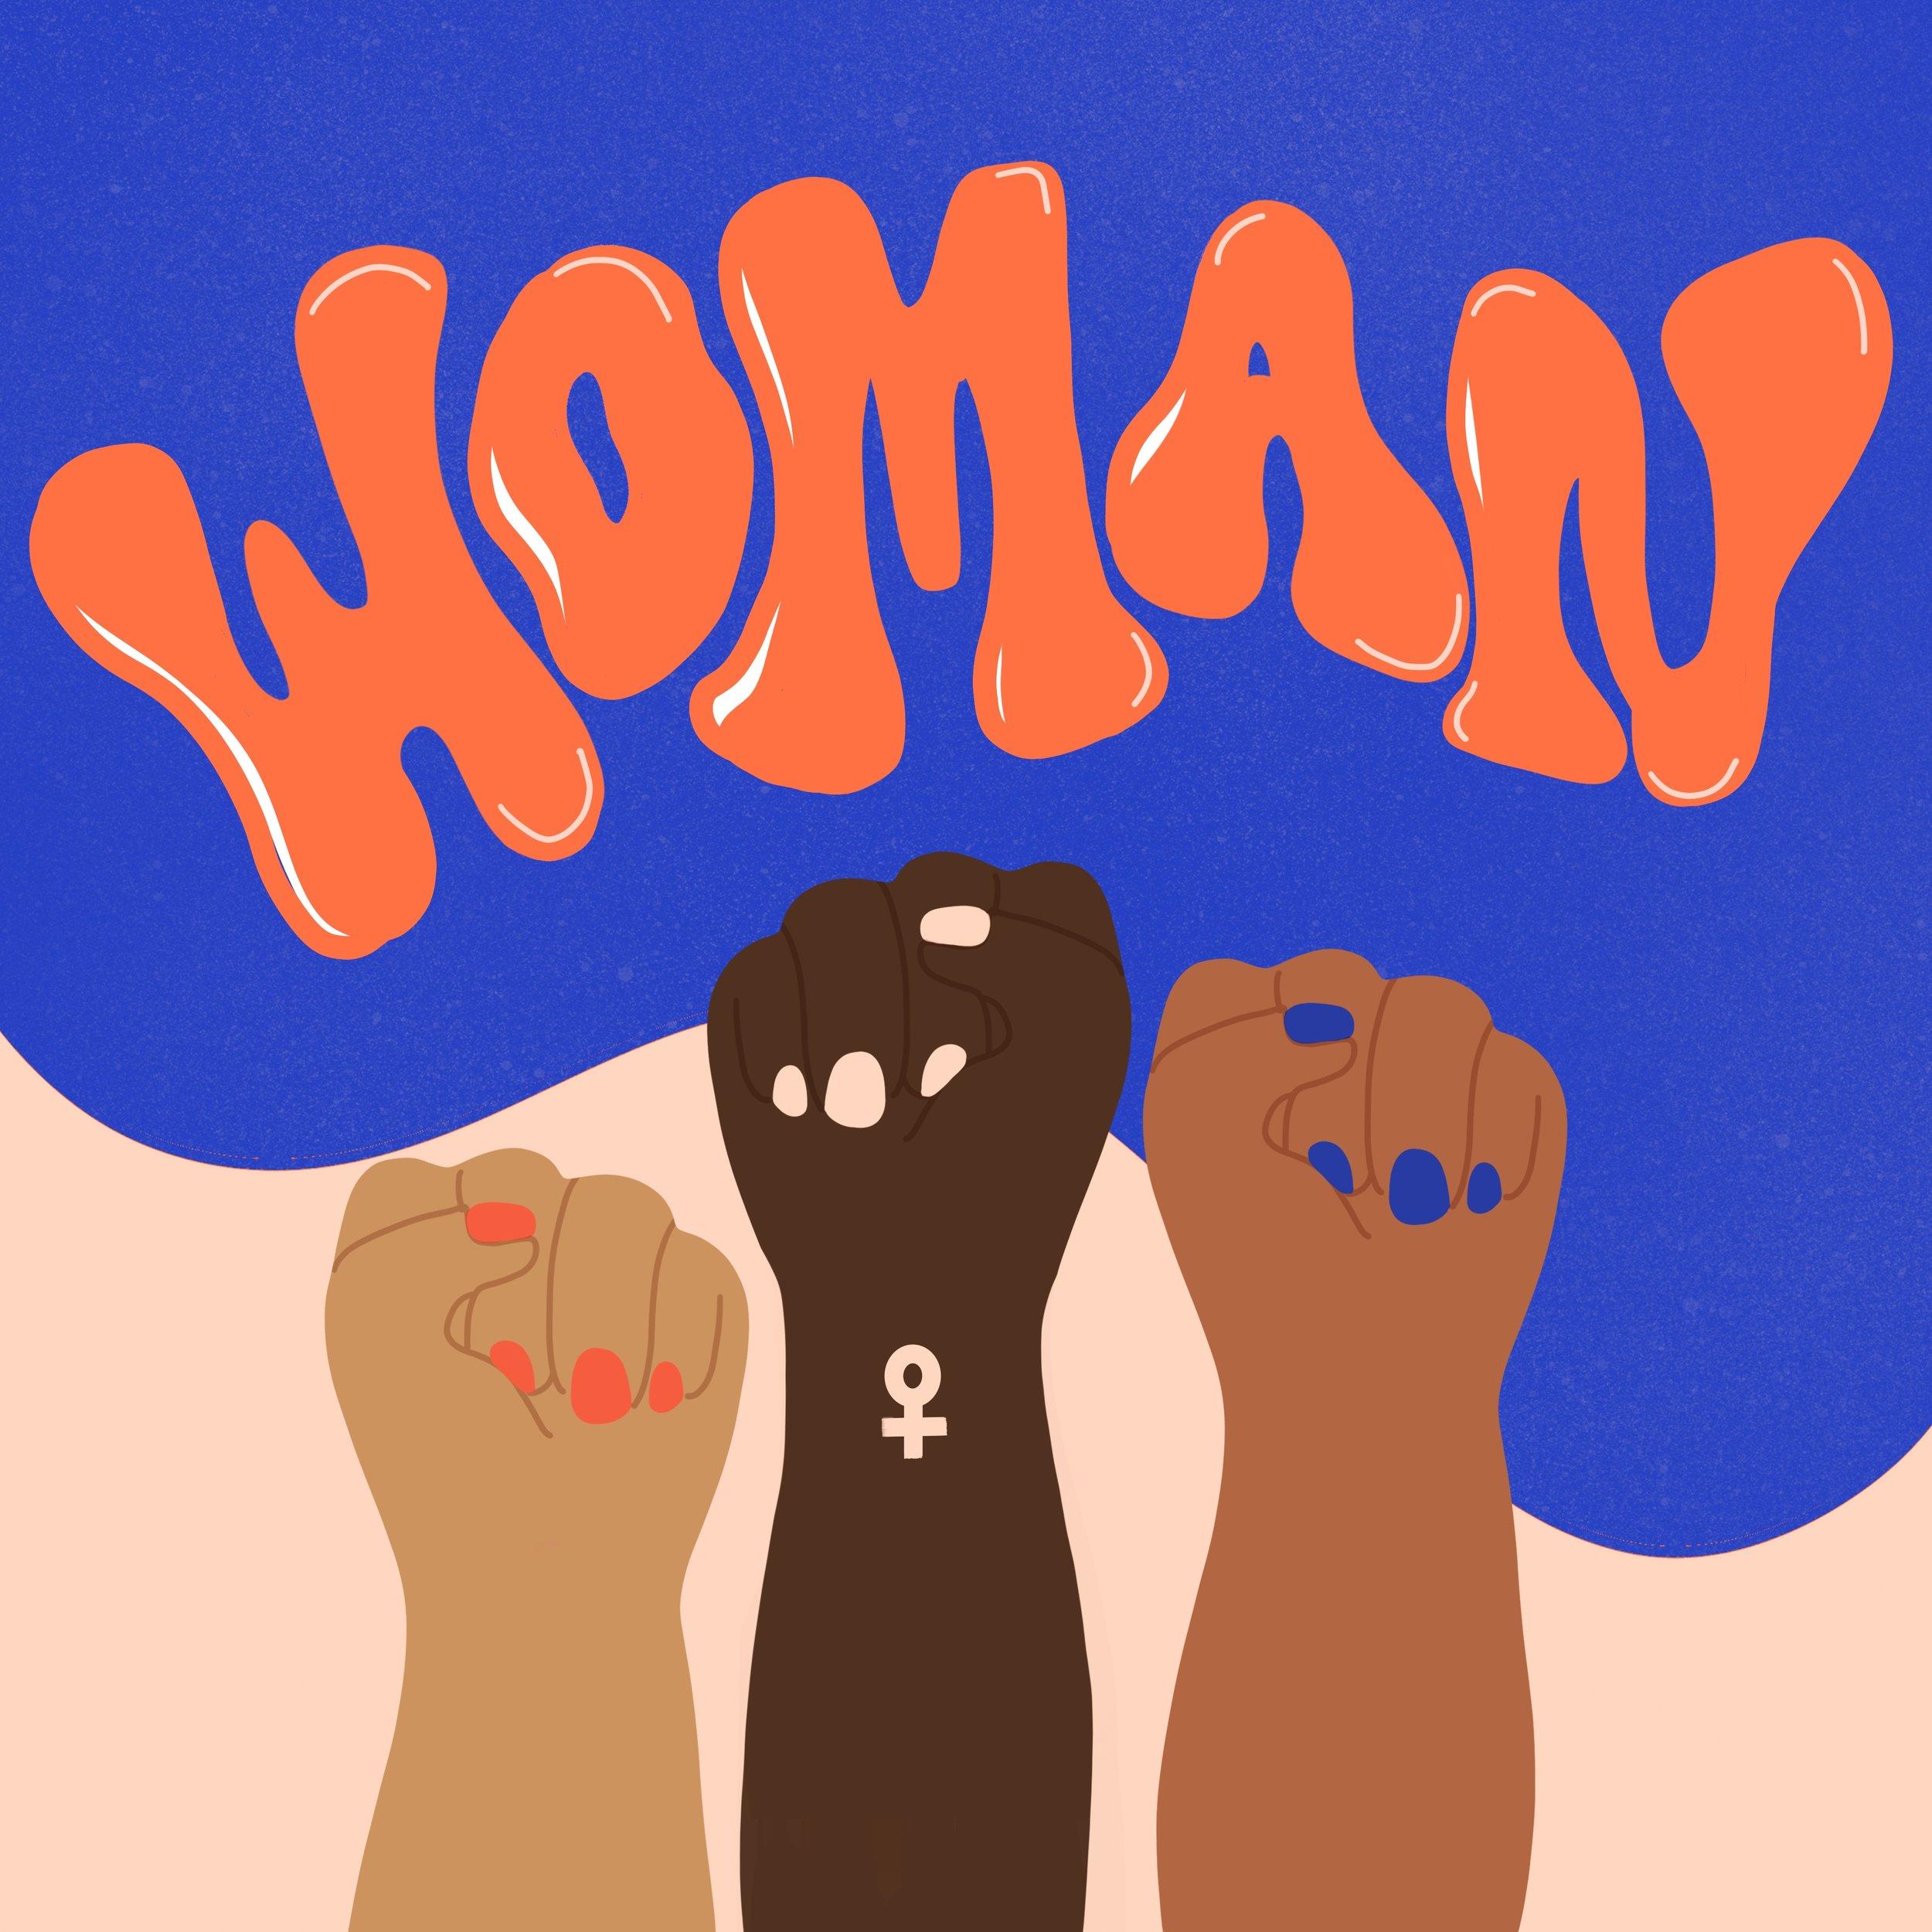 Woman_Fist 3.jpg